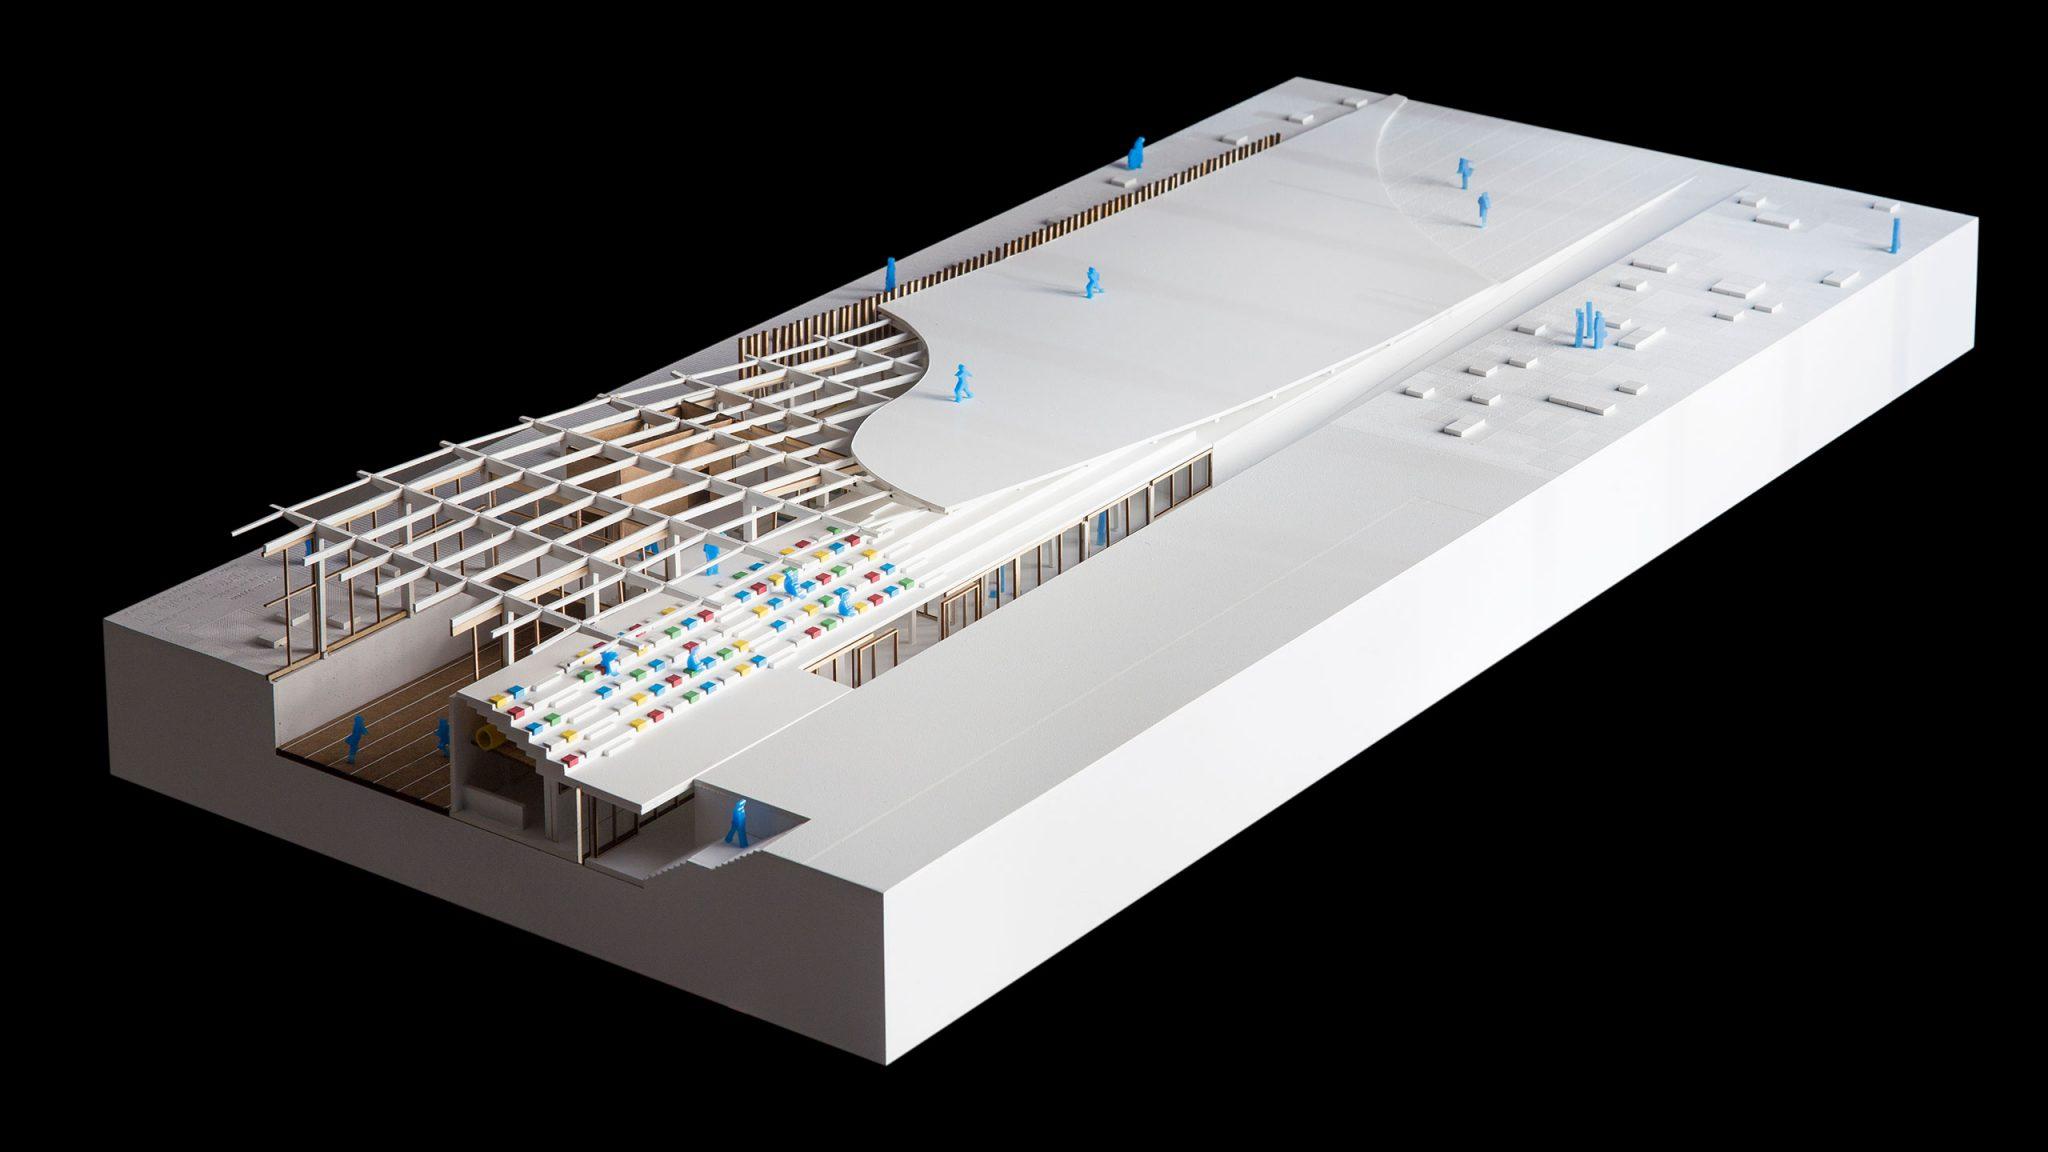 architecture representation urban actuation model architectural model